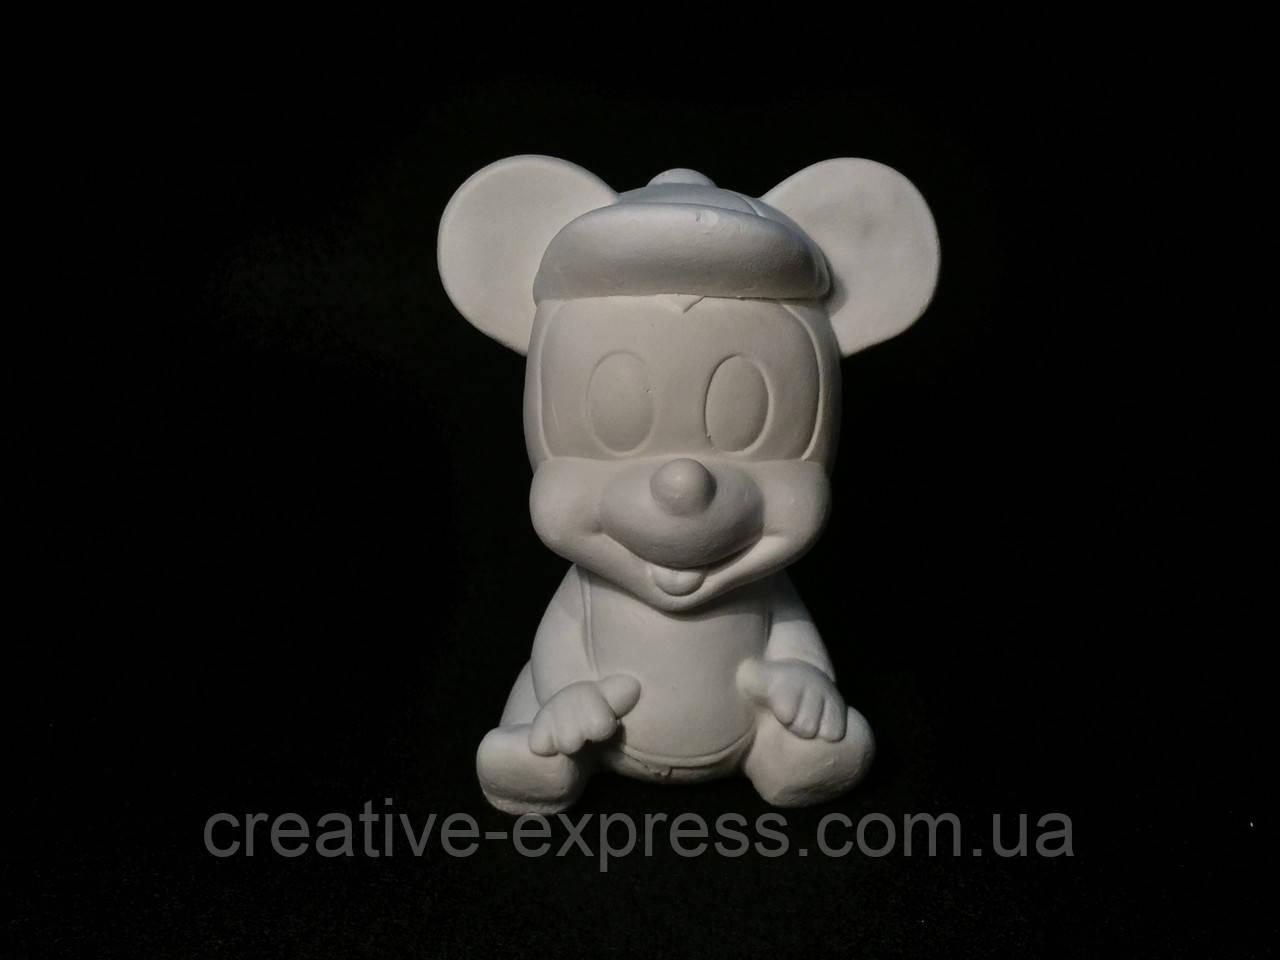 Гіпс.фігурка А-033 Міккі Маус (хлопчик)